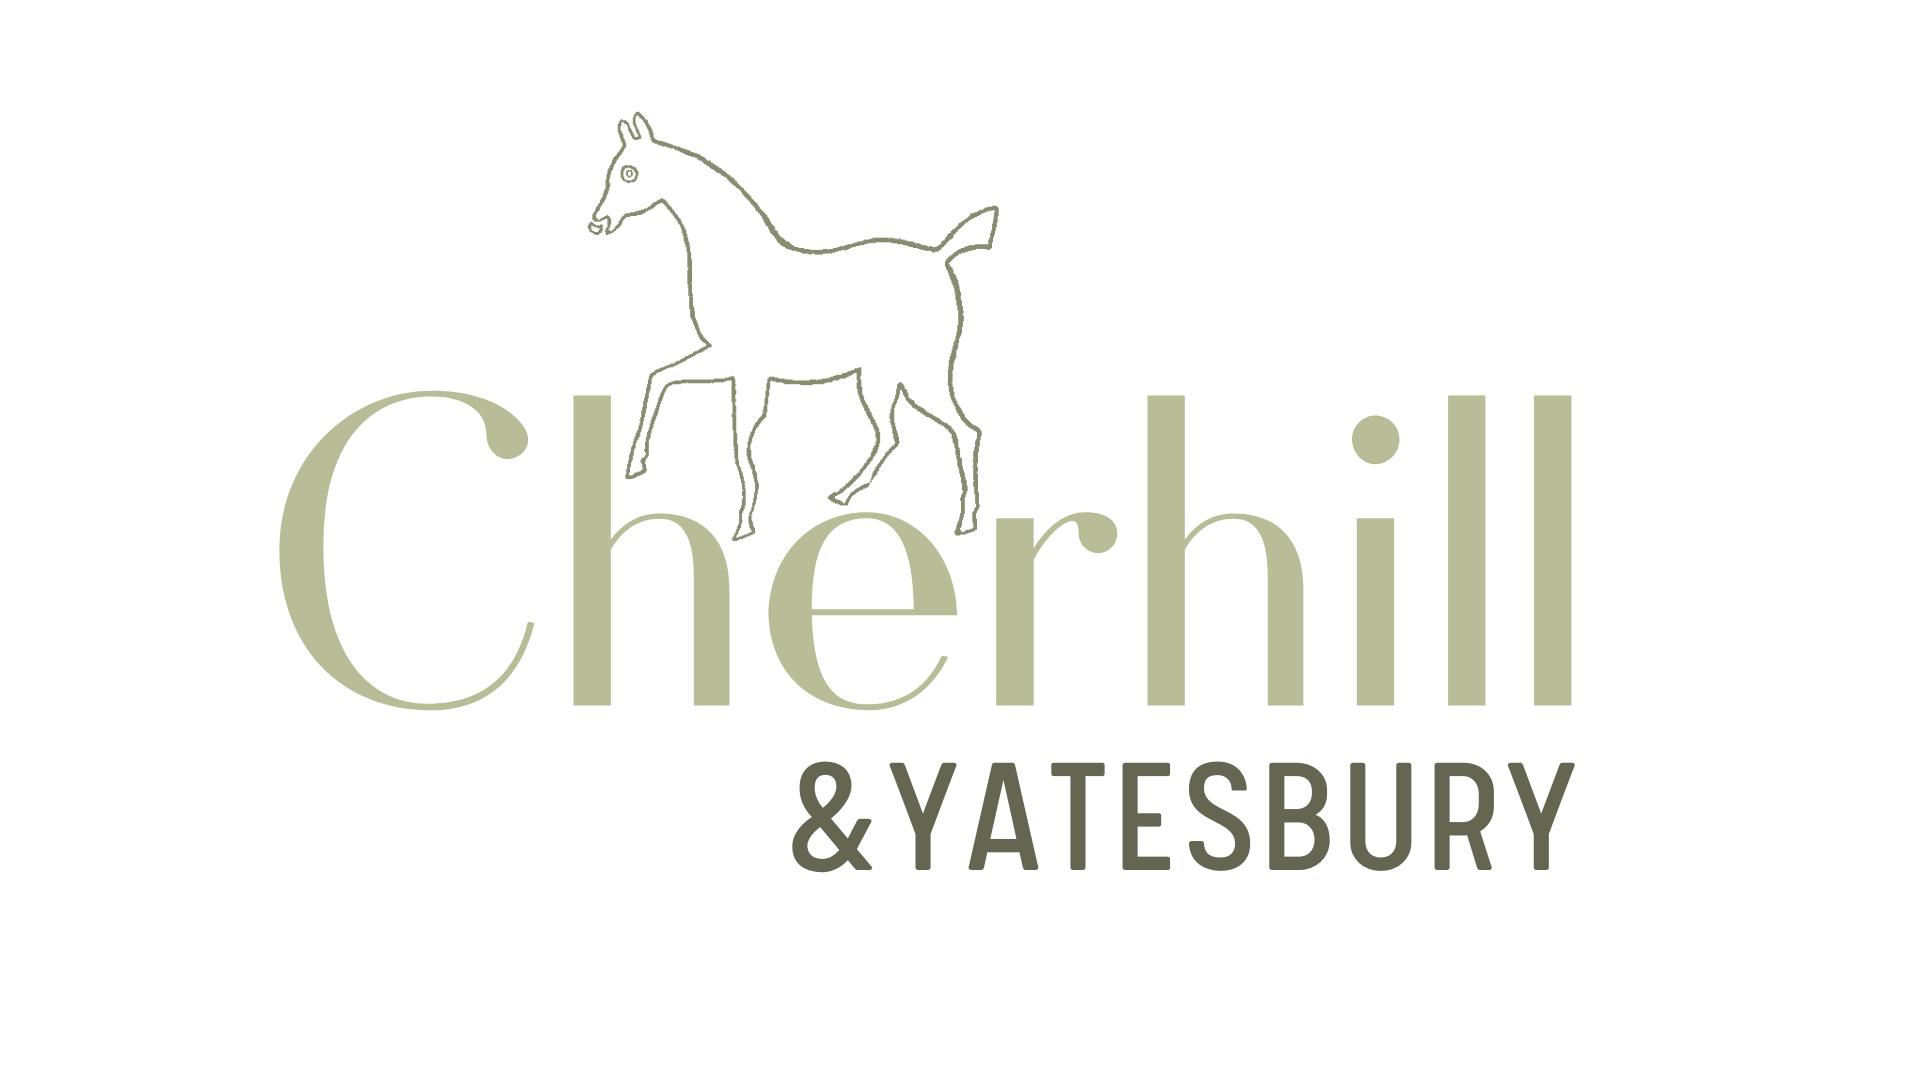 Cherhill & Yatesbury